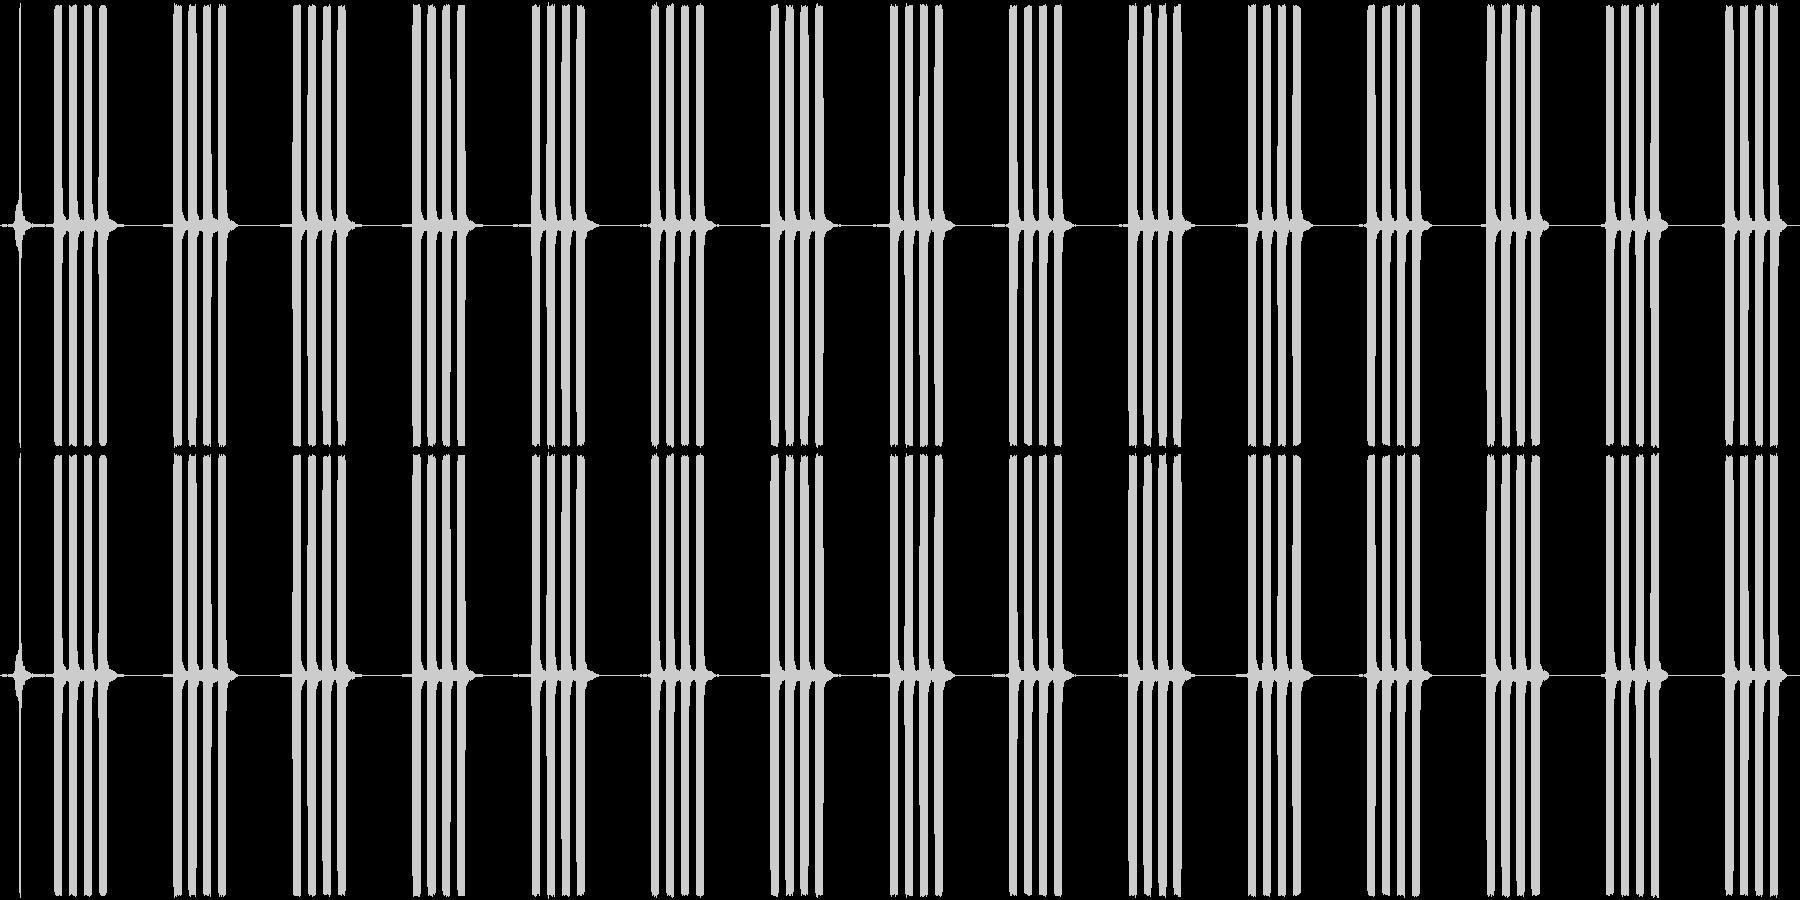 目覚まし時計のアラーム音_15秒ループの未再生の波形